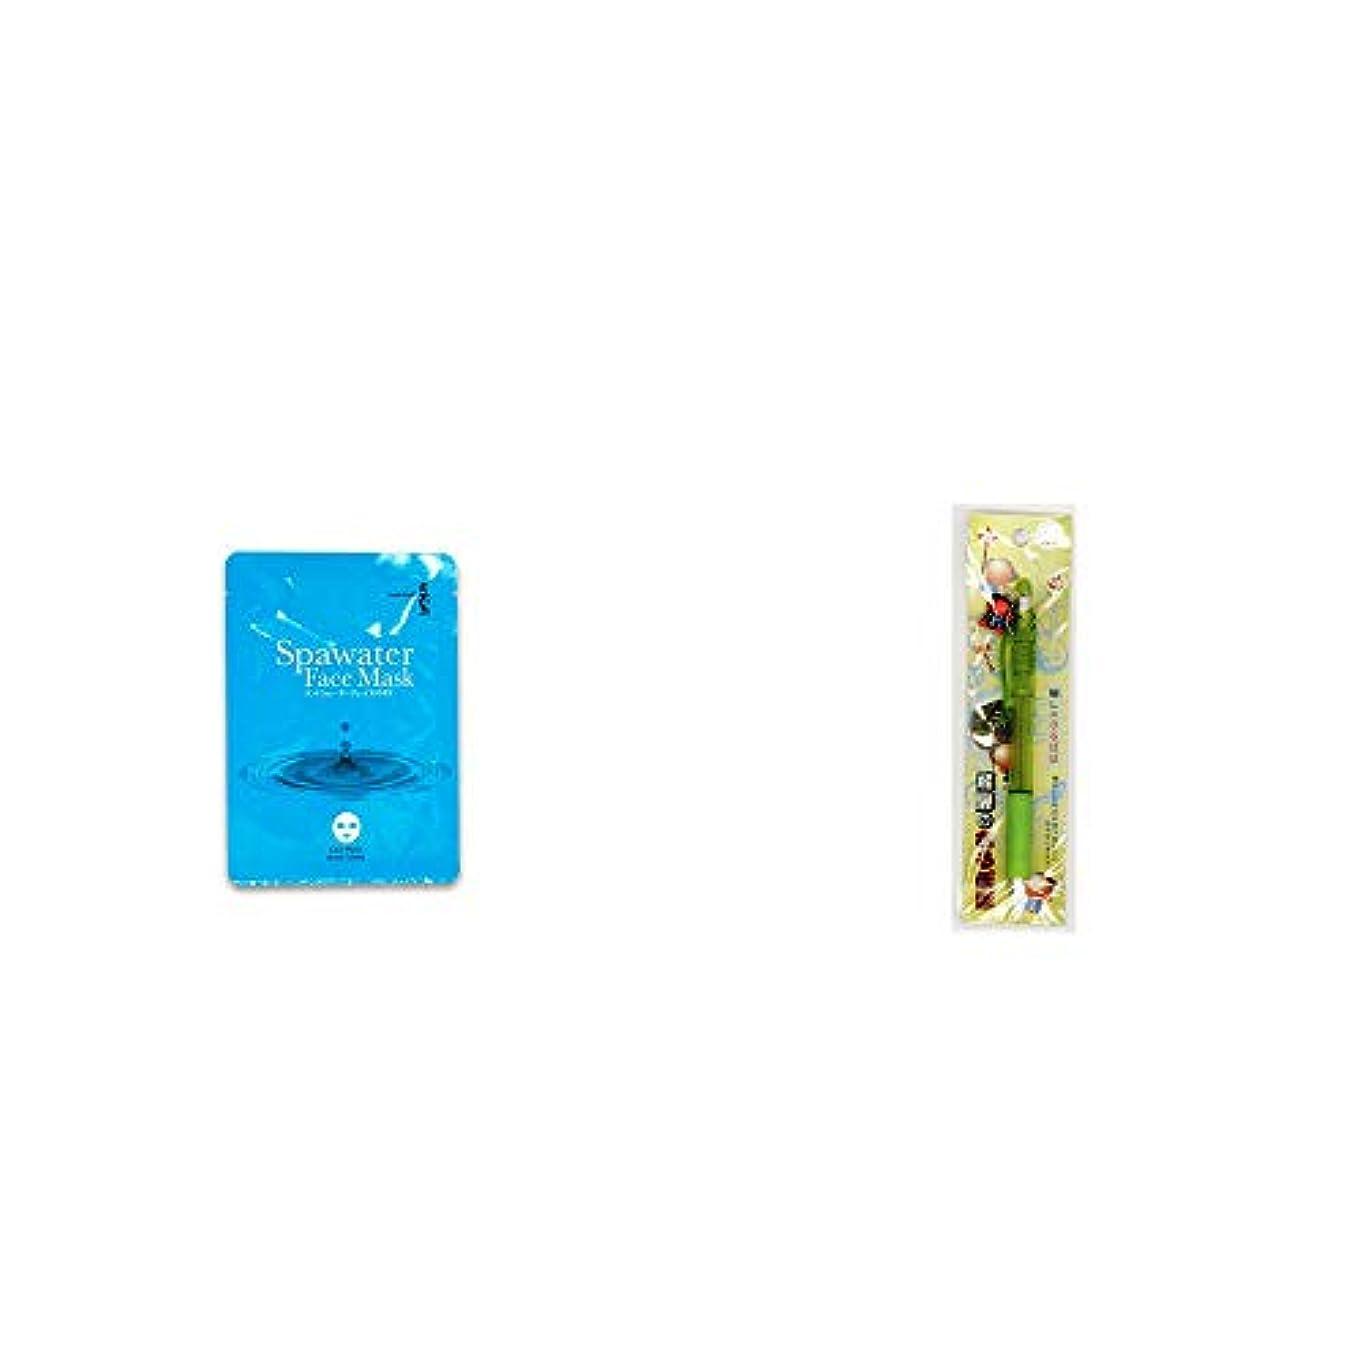 奇跡的なことわざビート[2点セット] ひのき炭黒泉 スパウォーターフェイスマスク(18ml×3枚入)・さるぼぼ 癒しシャープペン 【グリーン】